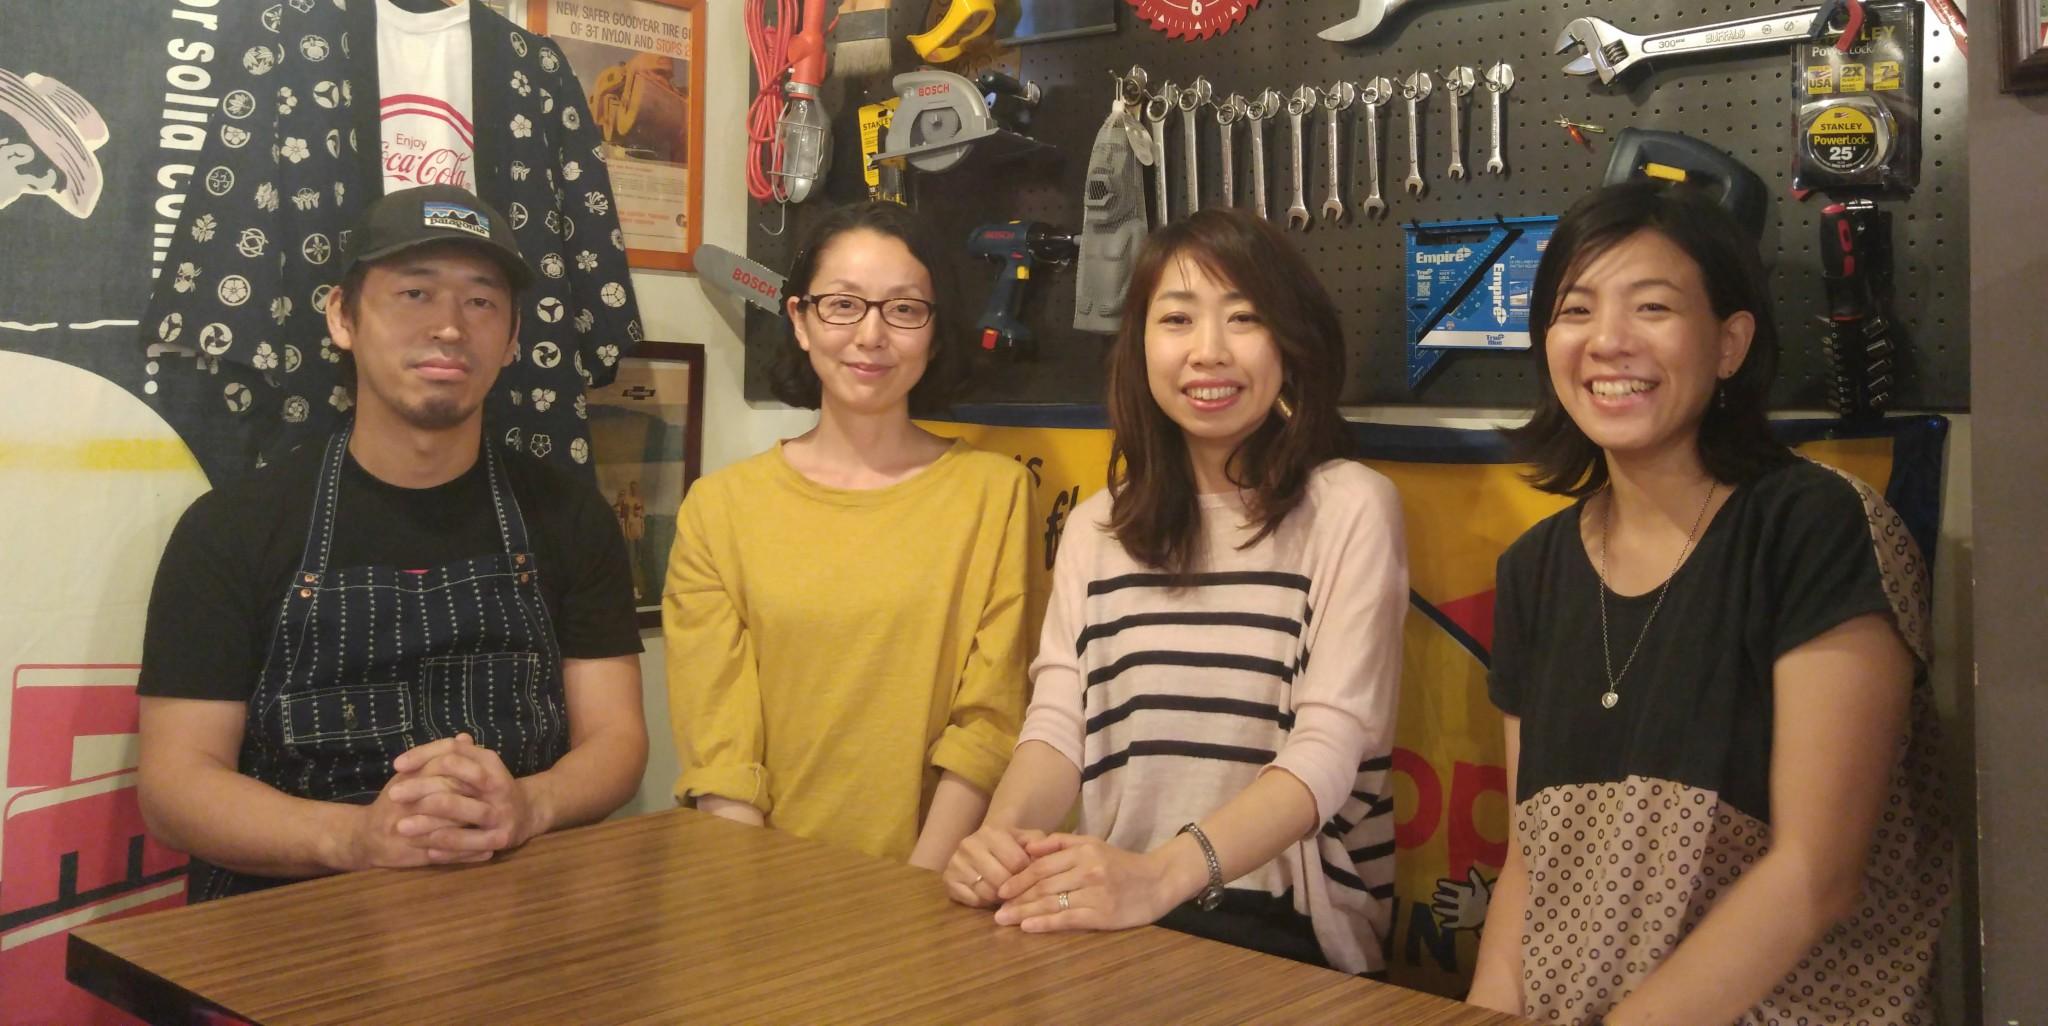 왼쪽으로부터 오오타니 아키라씨, 쿠시다 카오리씨, 야마다 사치코씨, 다나카 에렌씨. 도쿄 다이닝에서